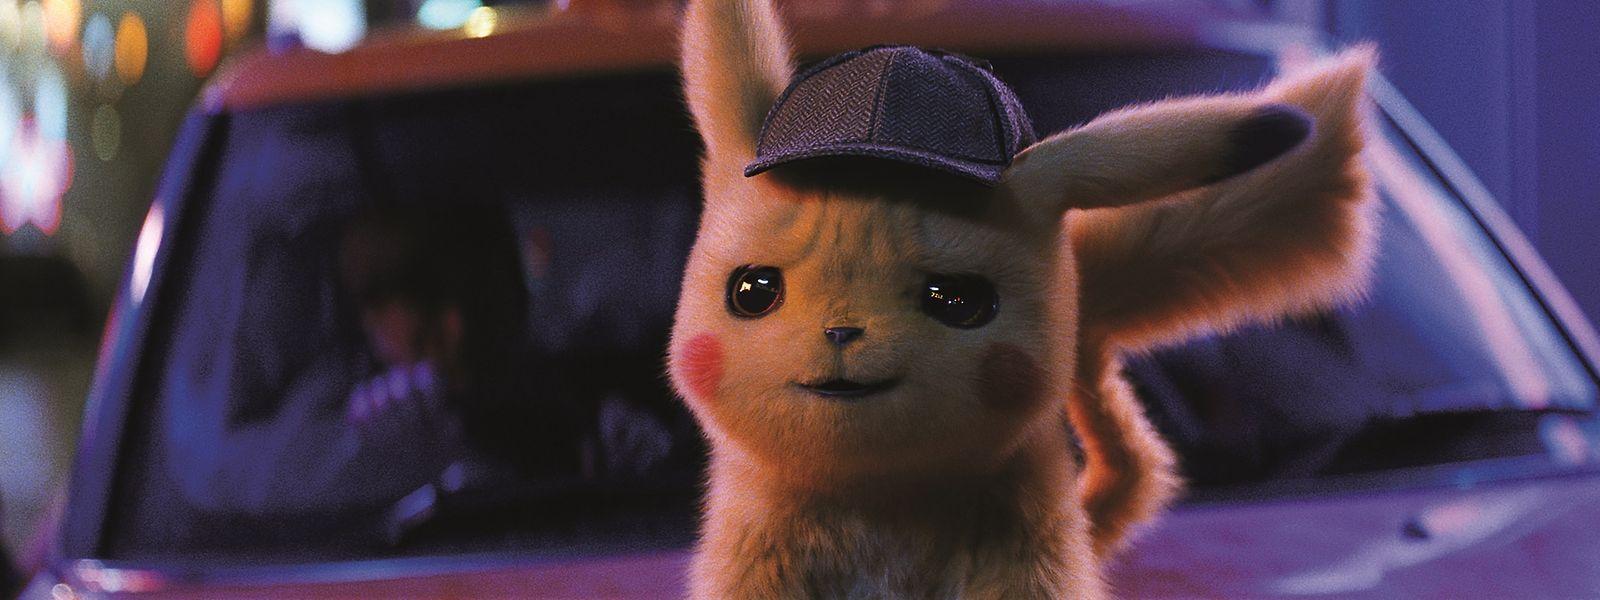 """Flauschiges FIlmvergnügen: """"Pokémon: Meisterdetektiv Pikachu"""" basiert lose auf dem gleichnamigen Videospiel."""